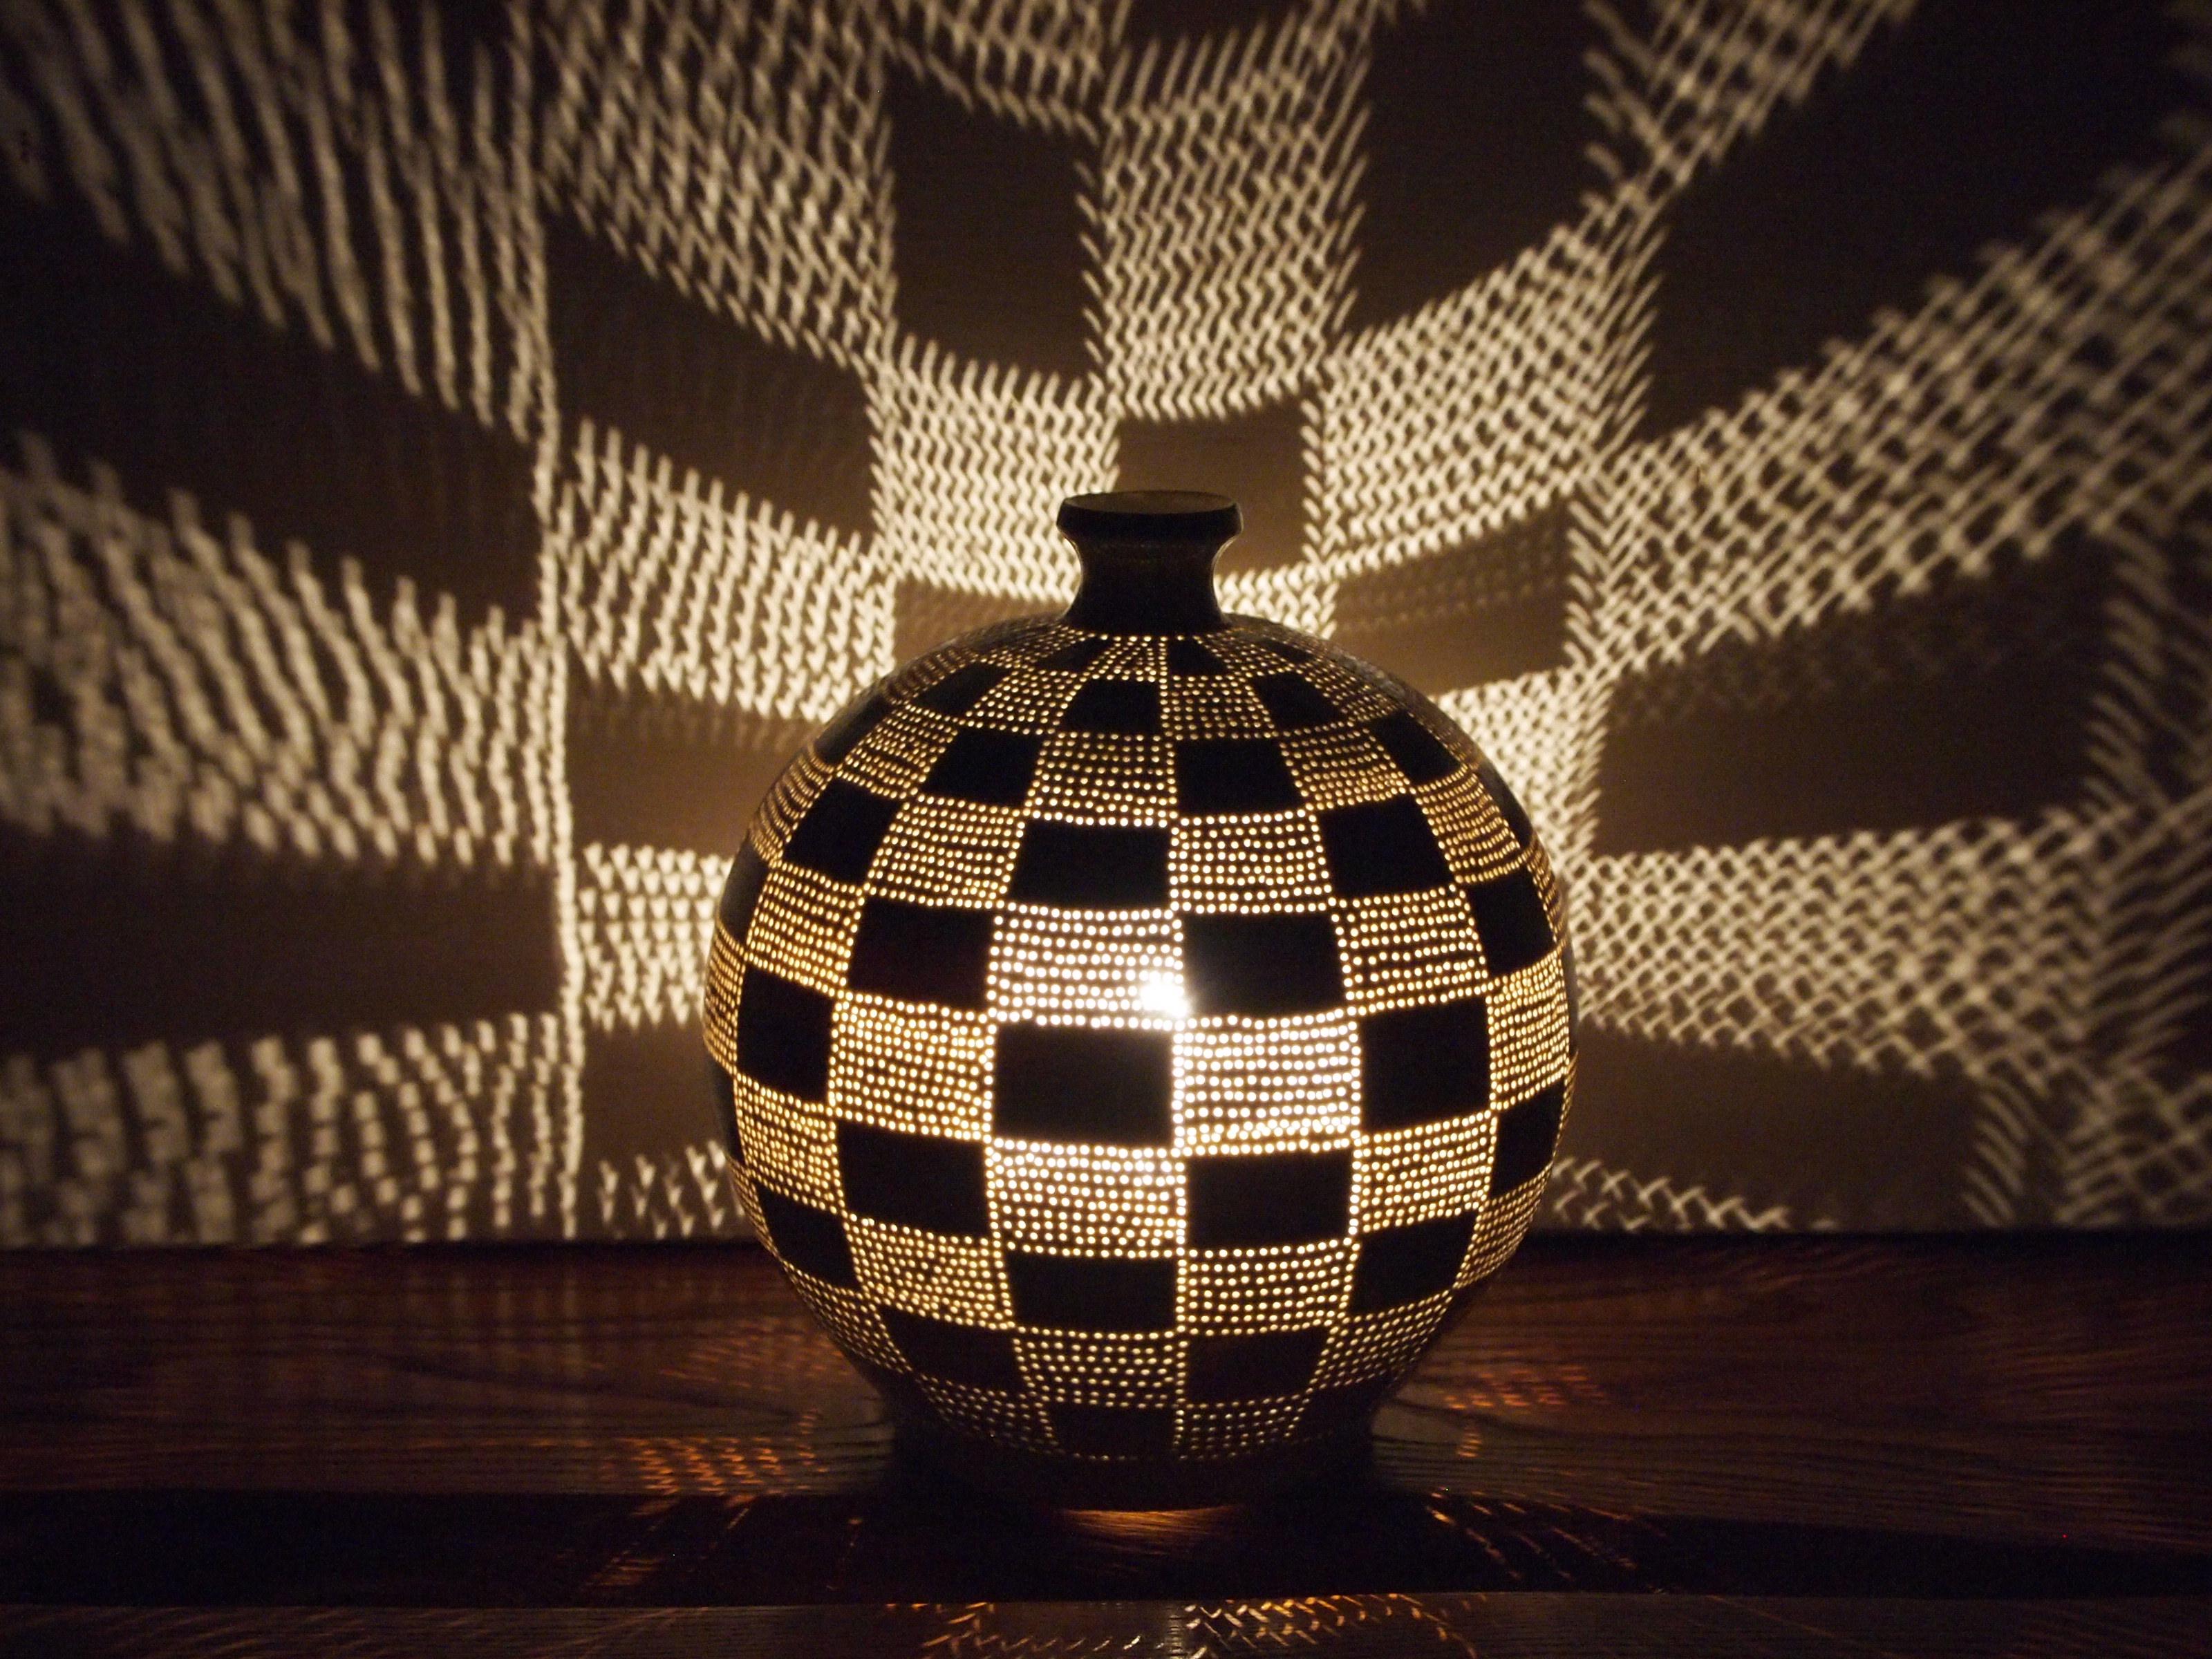 冬のトンボ玉と陶器の灯